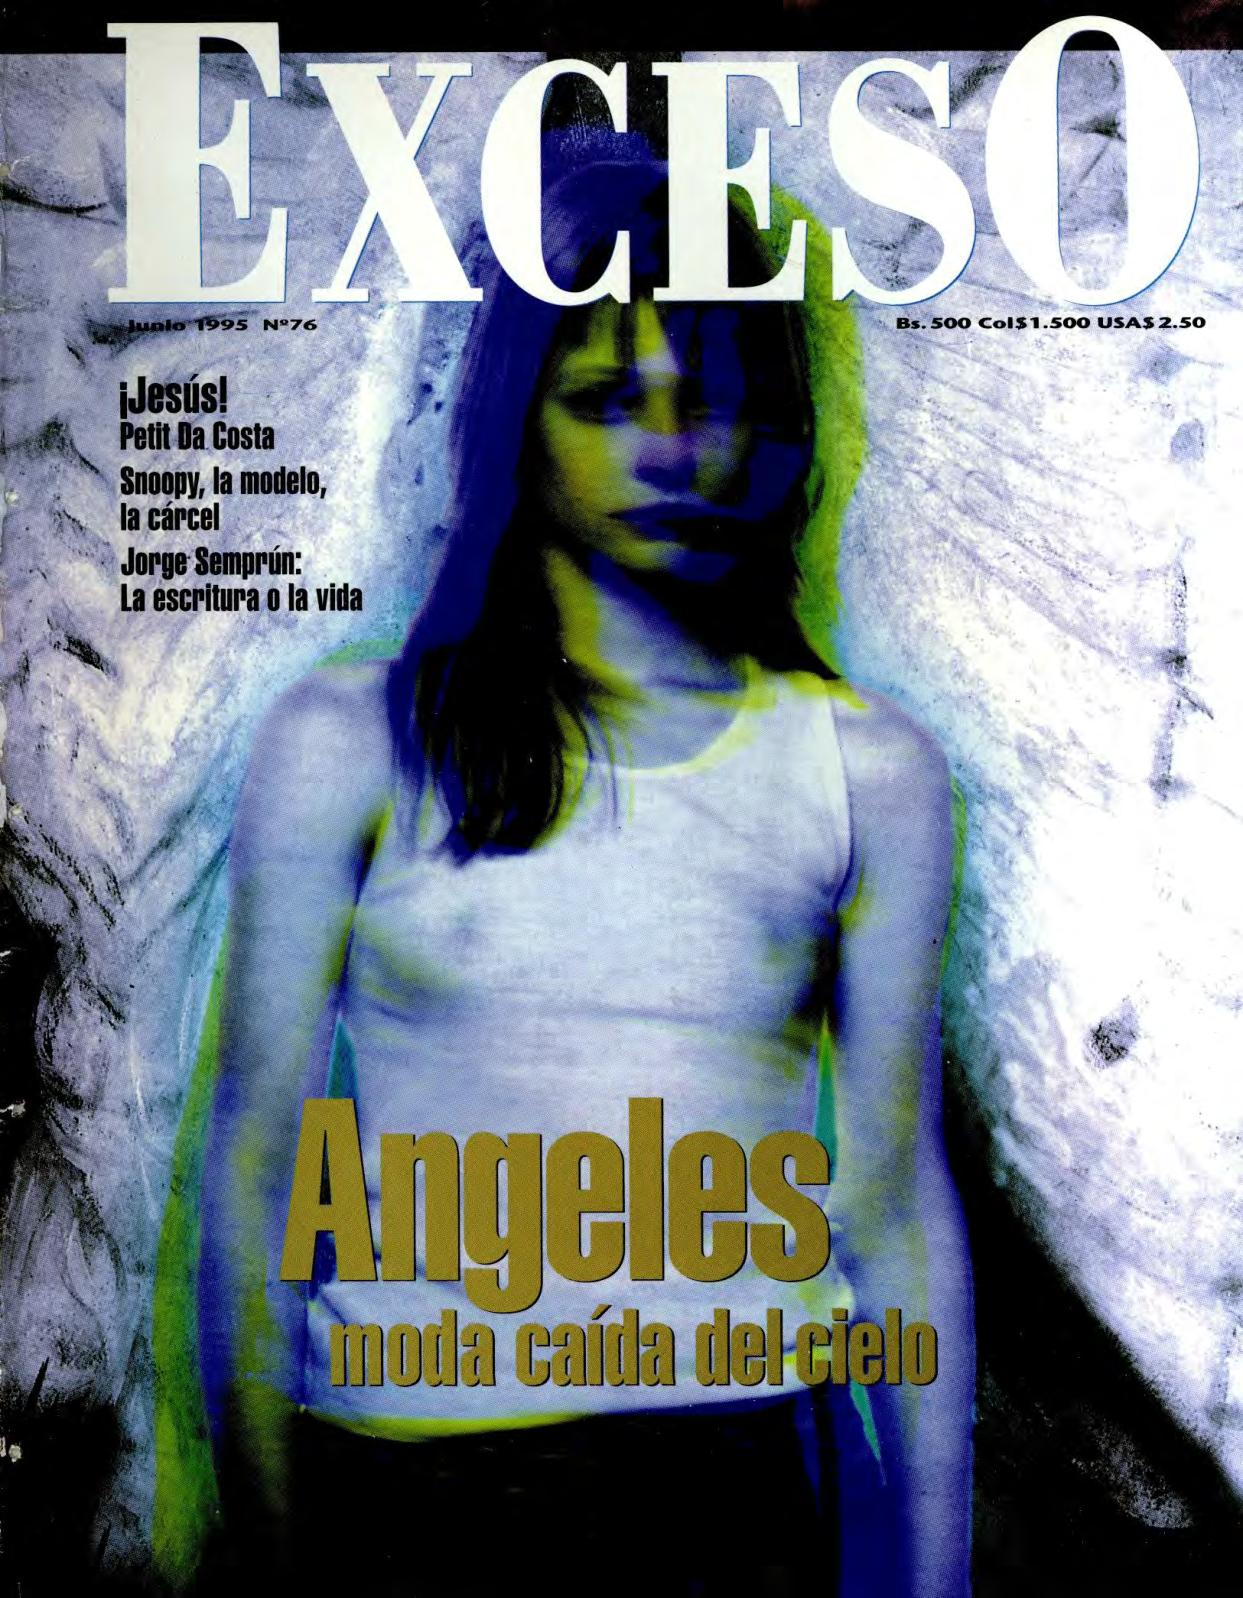 Asiaticas Asesinadas Y Violadas Rape Porno calaméo - revista exceso edicion nº 76 junio 1995